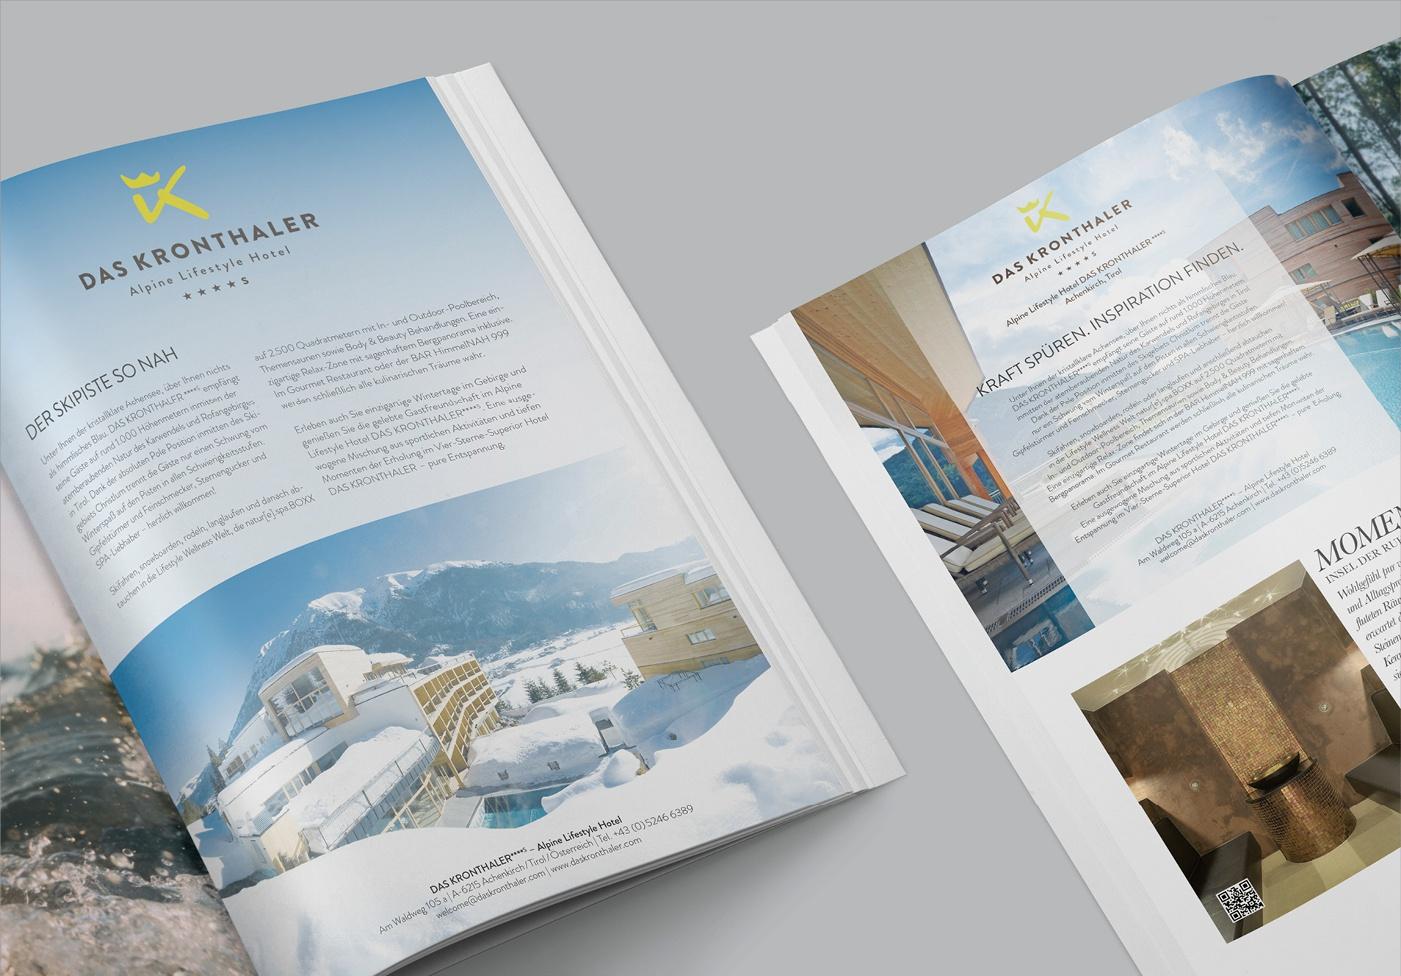 Editorial Design – DAS KRONTHALER***** Echtzeit: Kundenmagazin – Editorial Design – Zwei Ausgaben pro Jahr – ca. 88 Seiten, Hochwertiges hochweißes Naturpapier – wertige Haptik, Festlegung Kontrastwerte für das Krönchenmuster im Hintergrund, Veredelung des Covers mit UV-Lackierung bzw. Heißfolie je nach Ausgabe